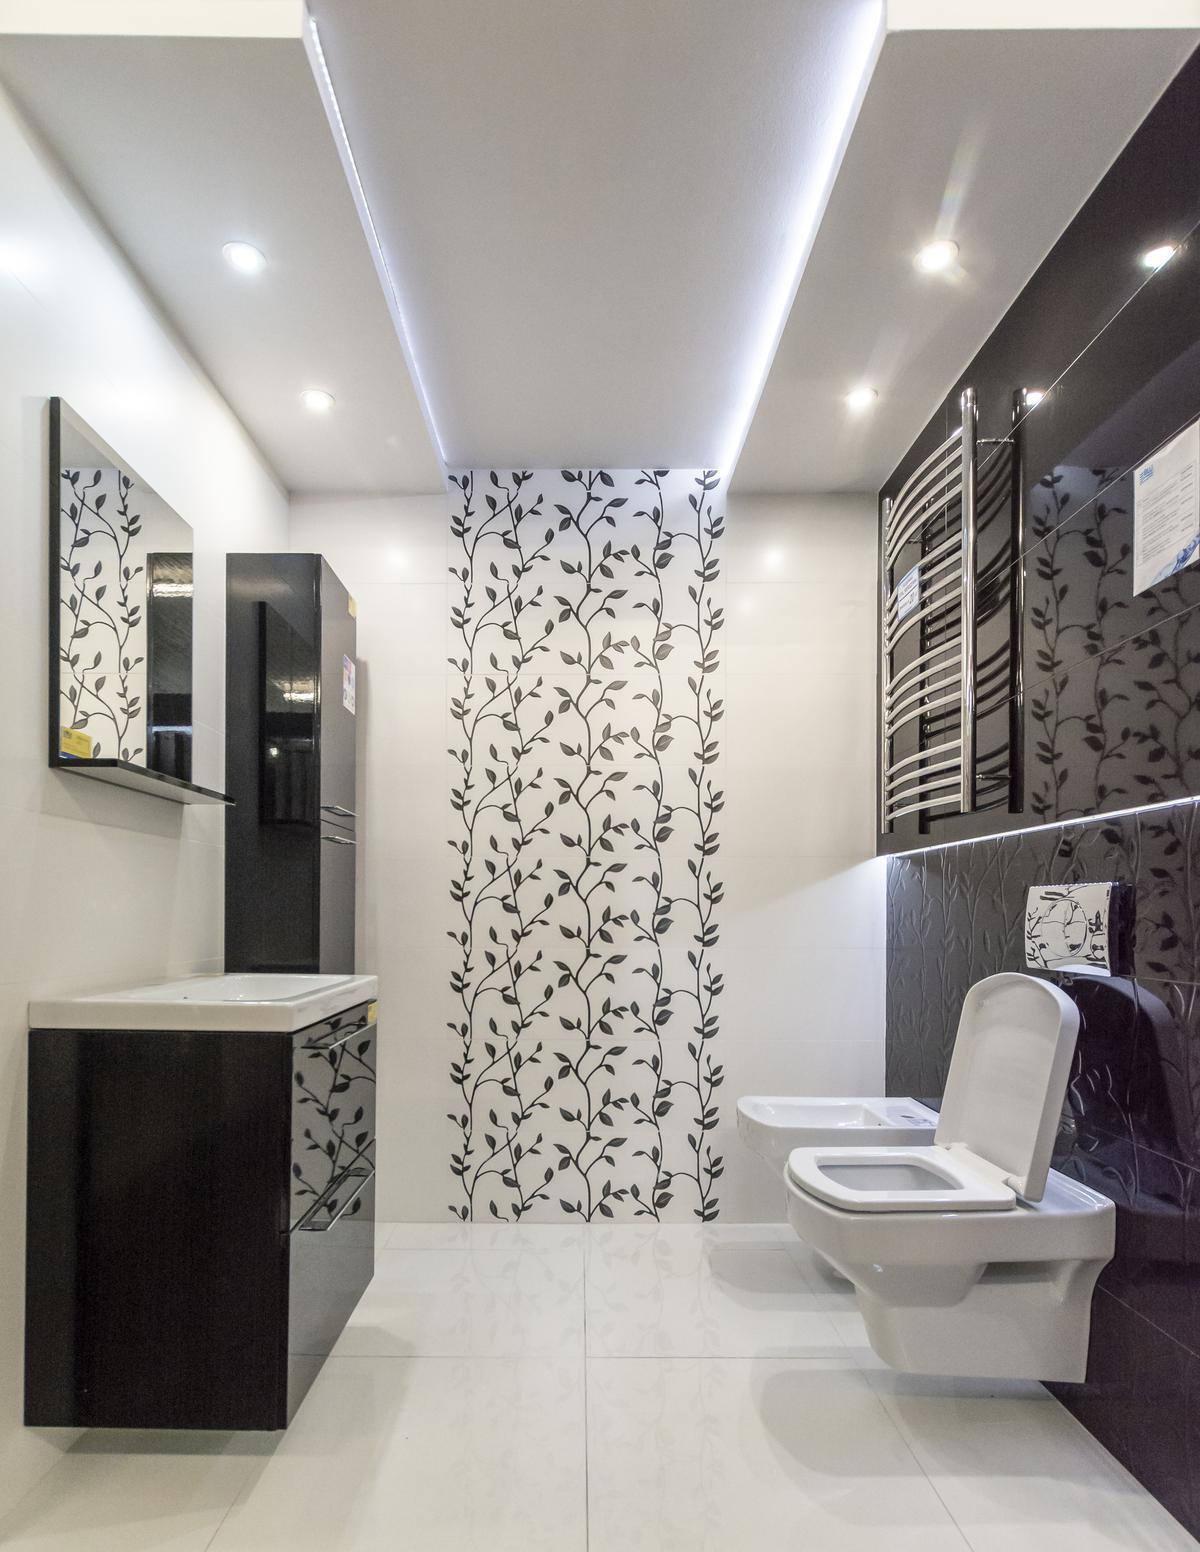 Aranżacja czarno-białej łazienki z wzorem roślin Opoczno Vinter Vine - zdjęcie od BLU salon łazienek Biała Podlaska